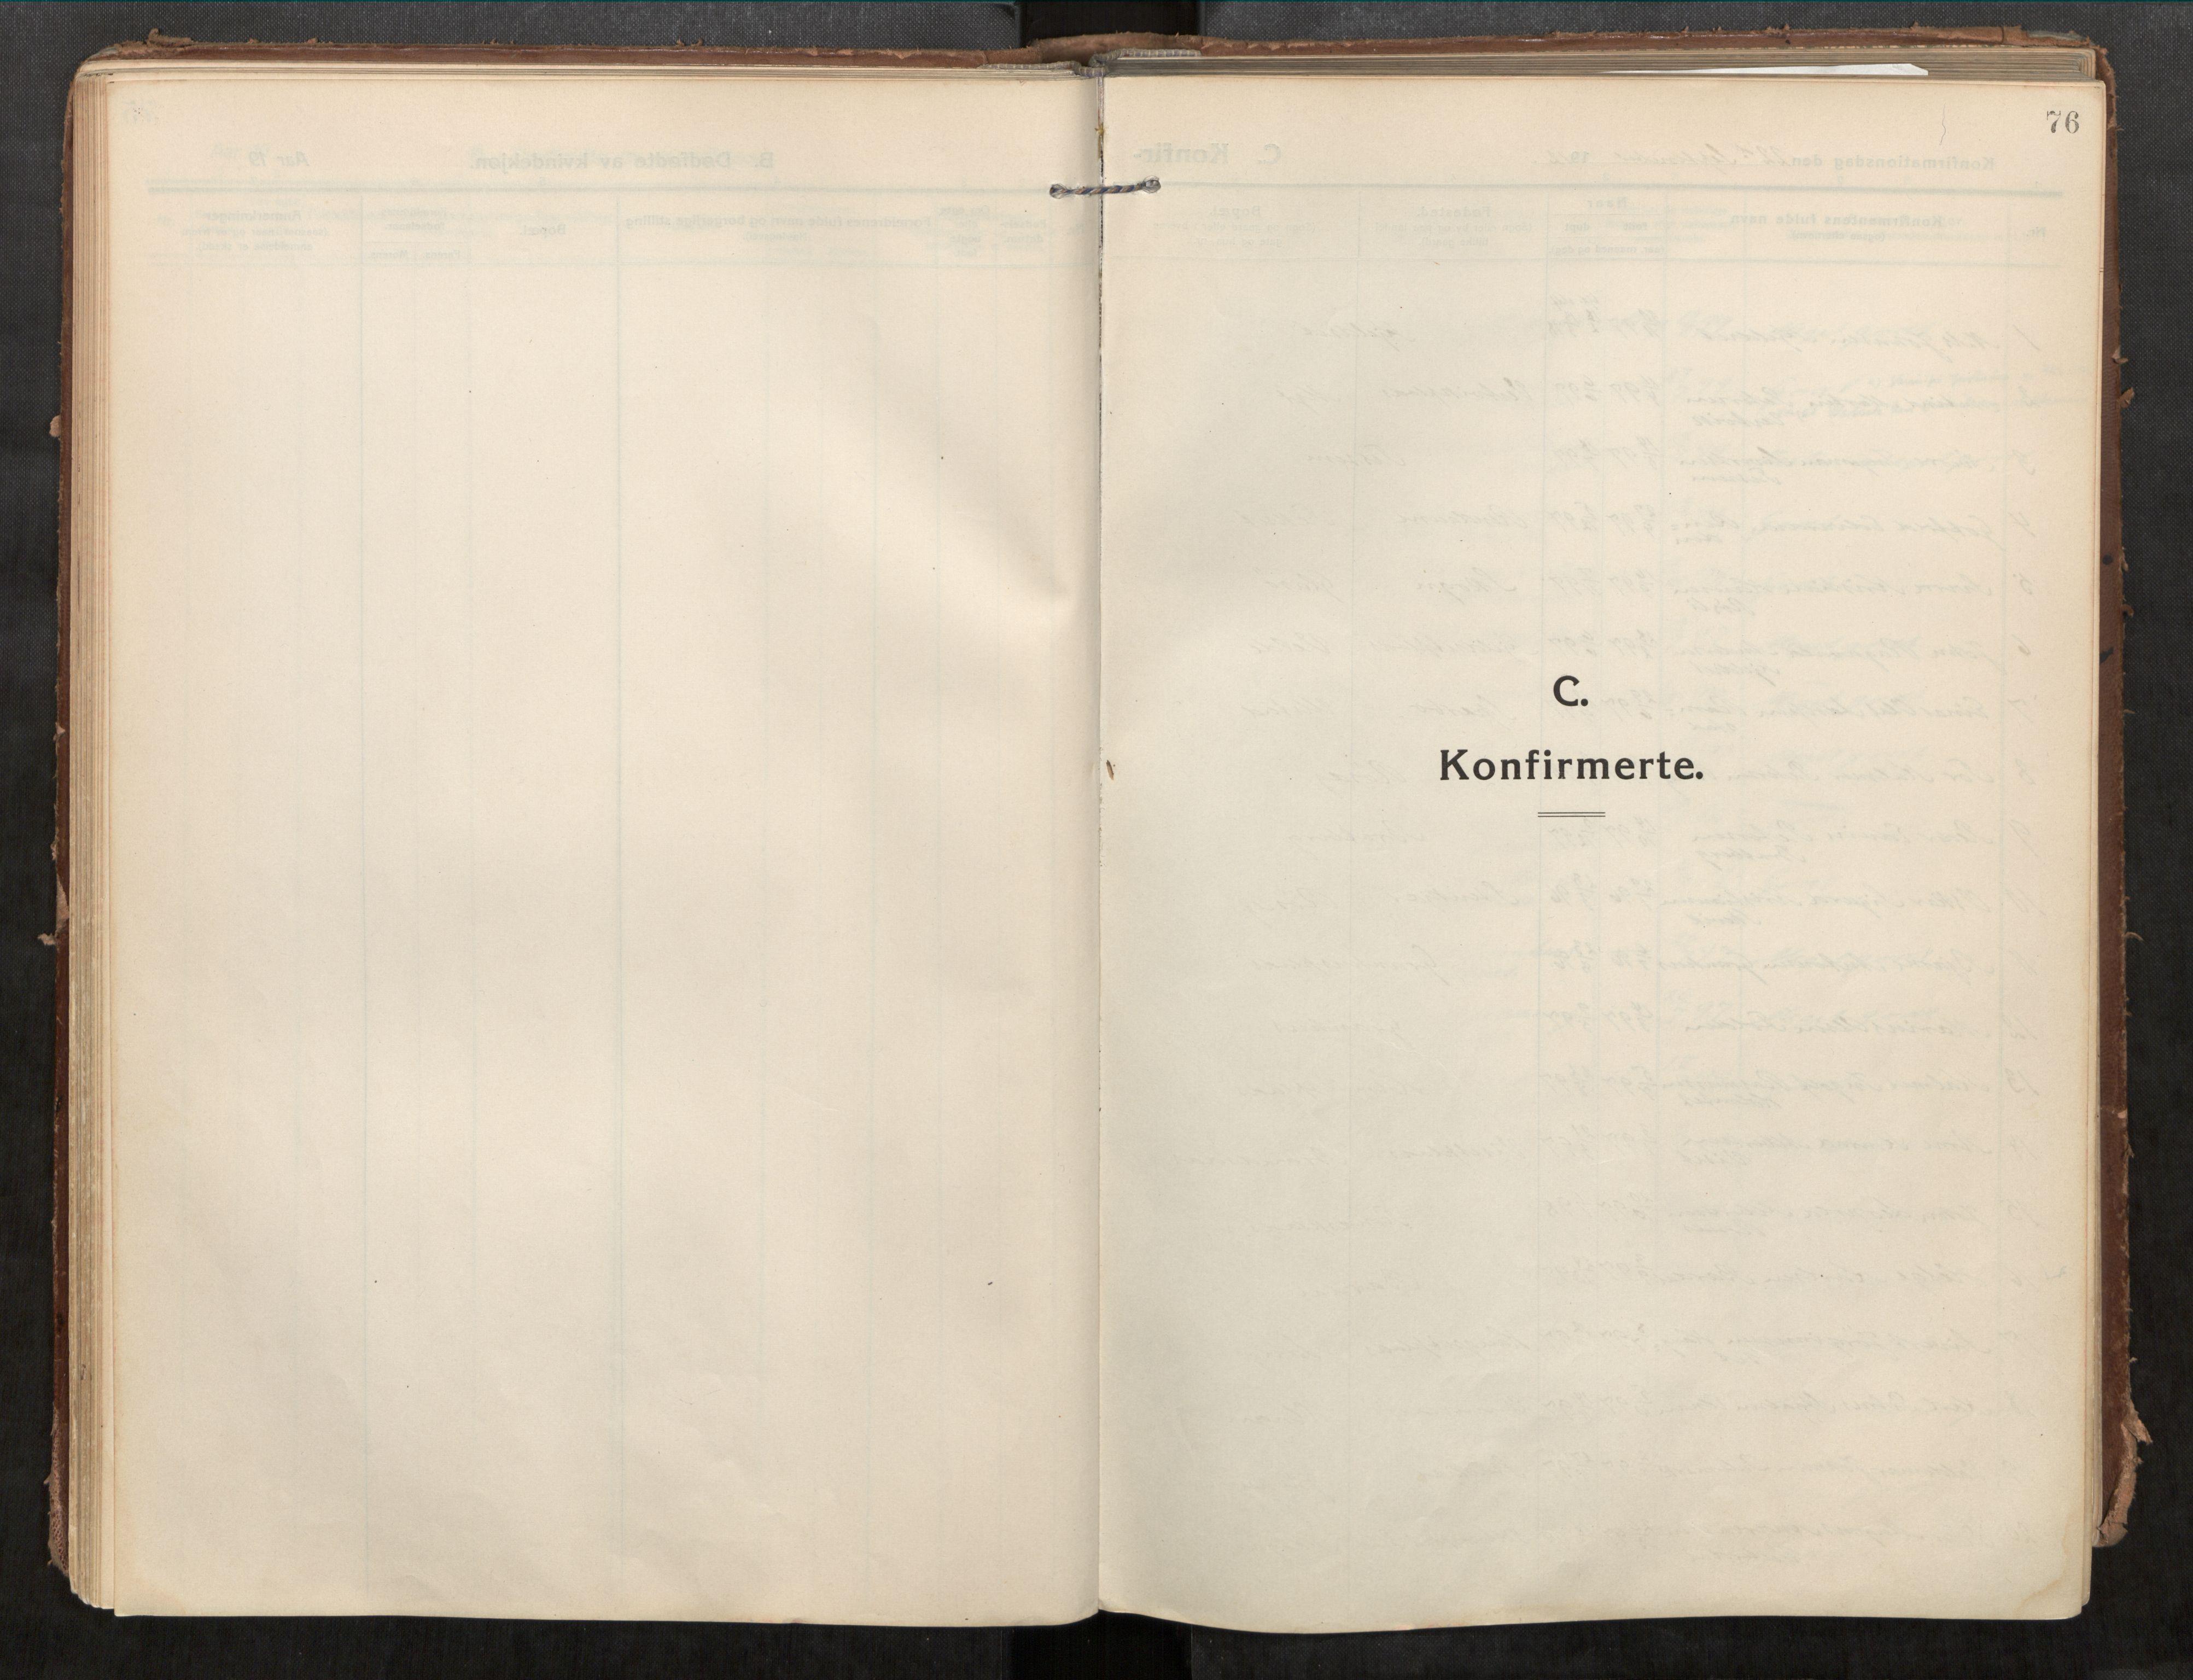 SAT, Beitstad sokneprestkontor, I/I1/I1a/L0001: Parish register (official) no. 1, 1912-1927, p. 76